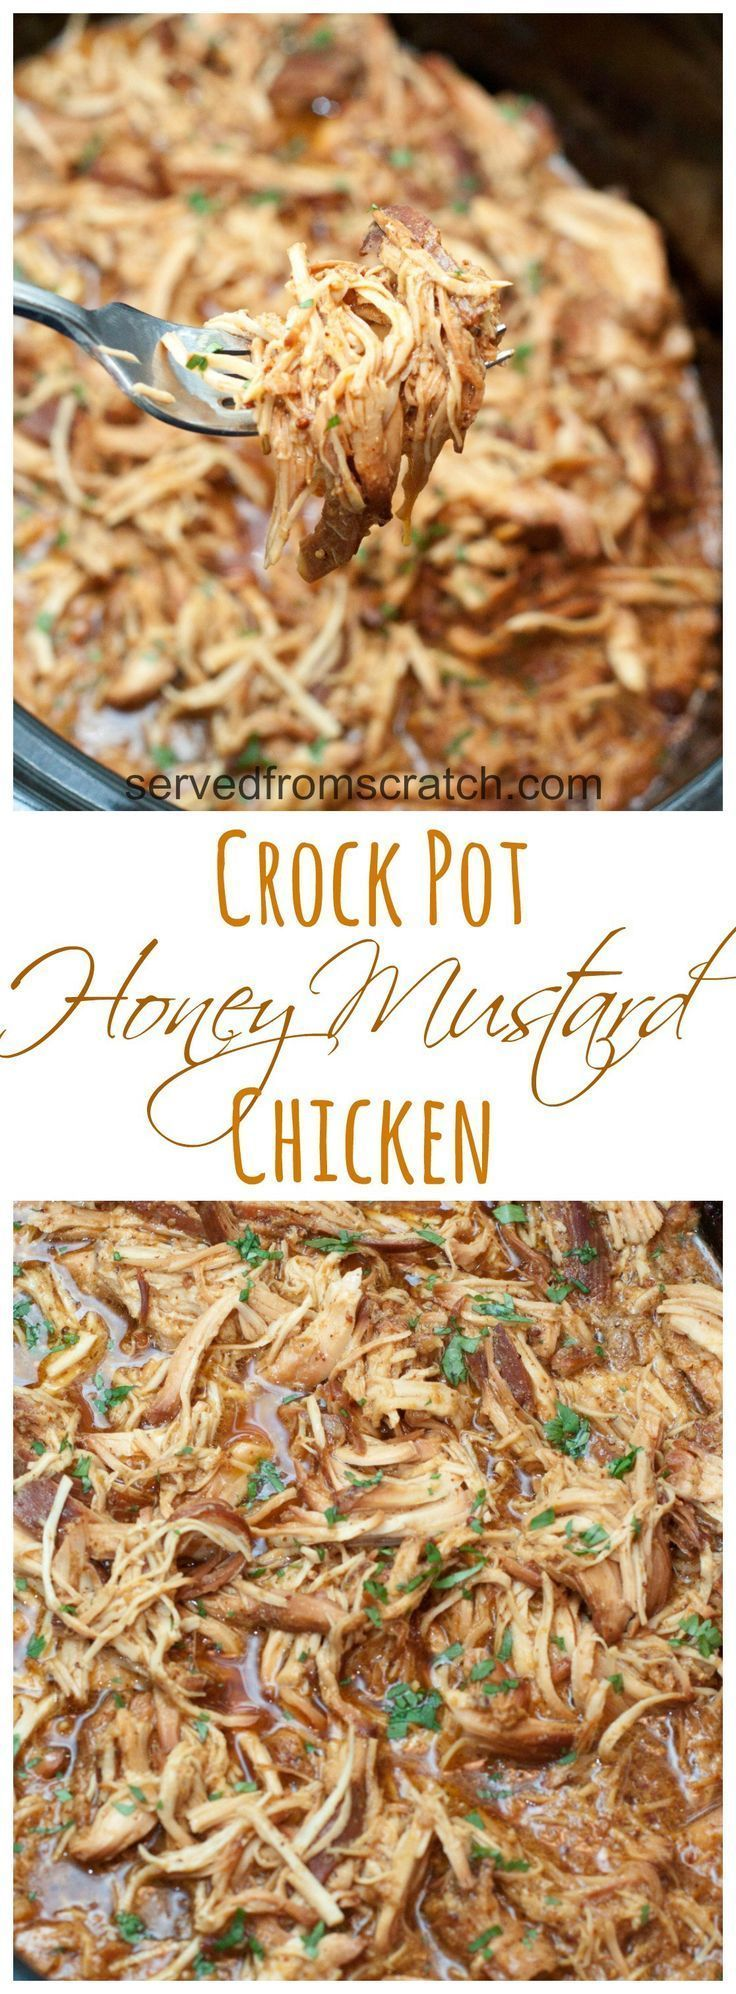 Crock Pot Honey Mustard Chicken